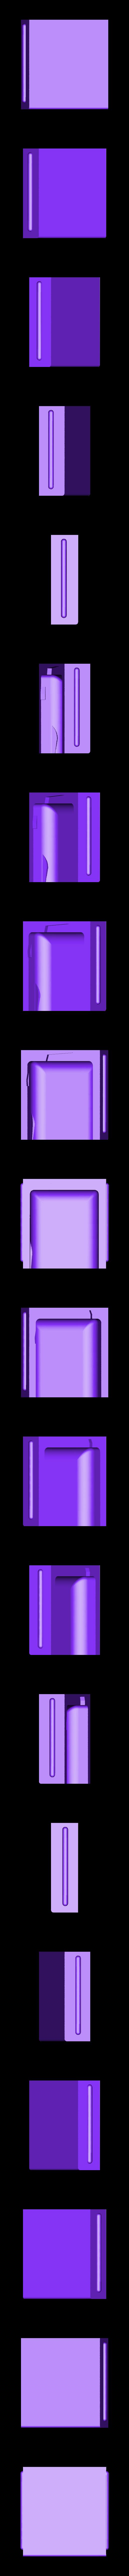 back_hatch_carved.stl Télécharger fichier STL gratuit Support de caméra 3D pour Raspberry pi • Design imprimable en 3D, Jadkison60